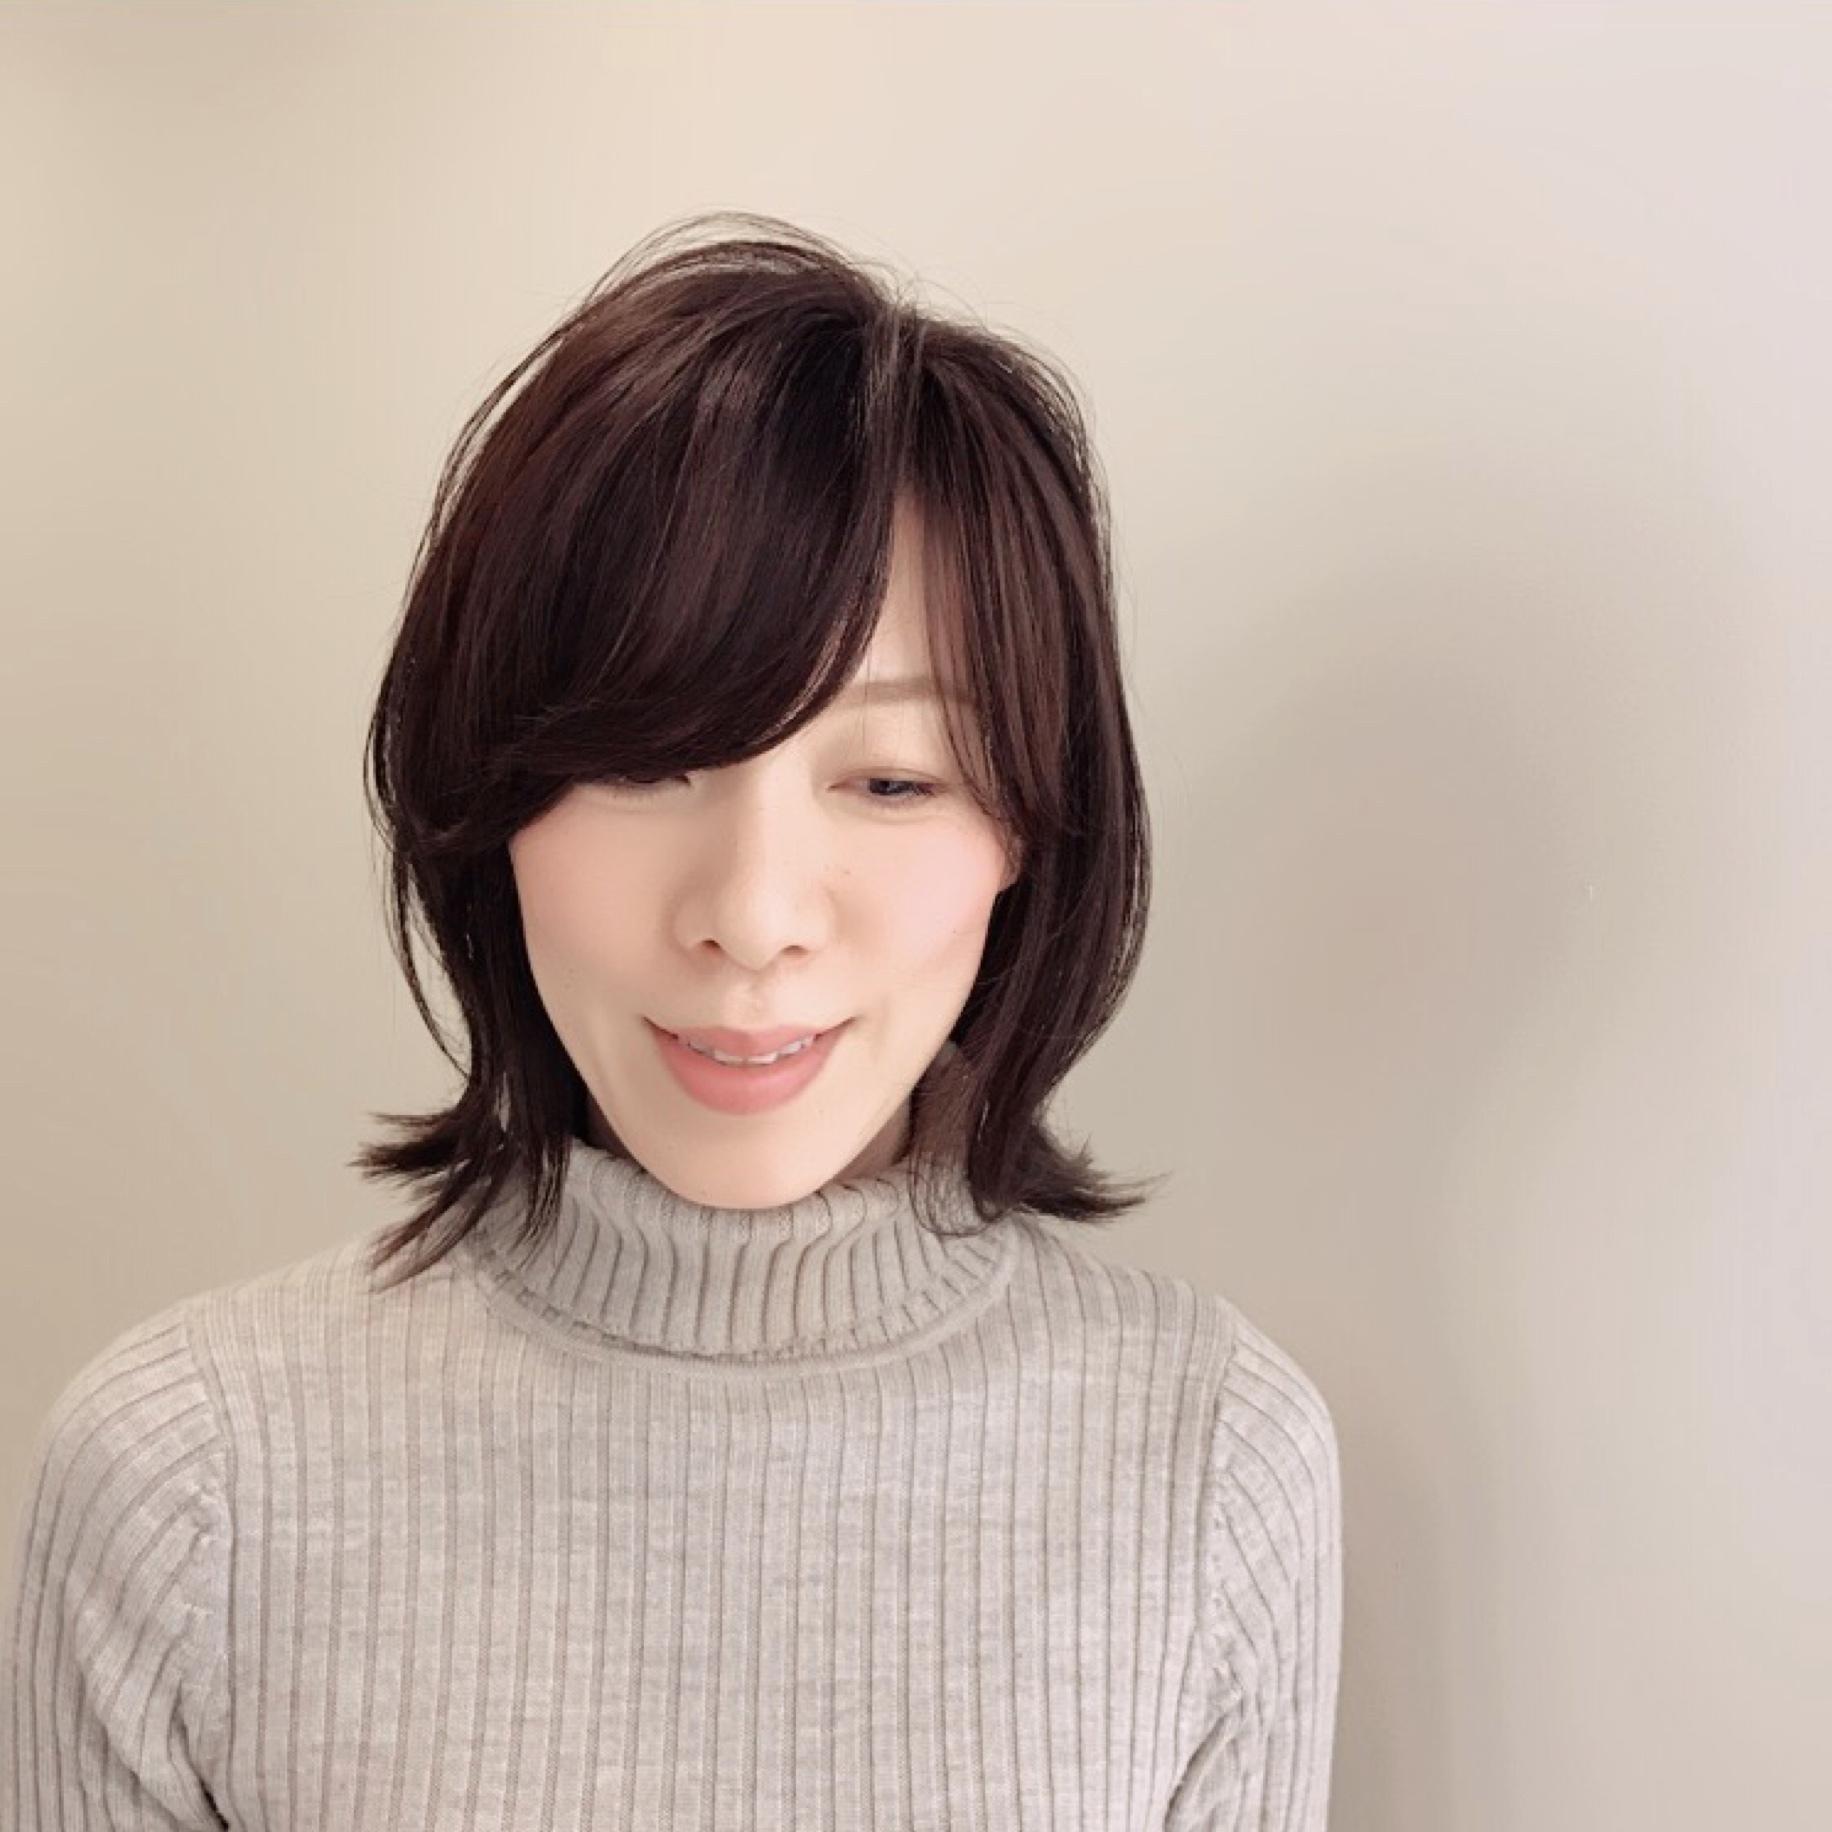 ヘアチェンジの春!アラフォーに効くヘアスタイル【マリソル美女組ブログPICK UP】_1_1-3